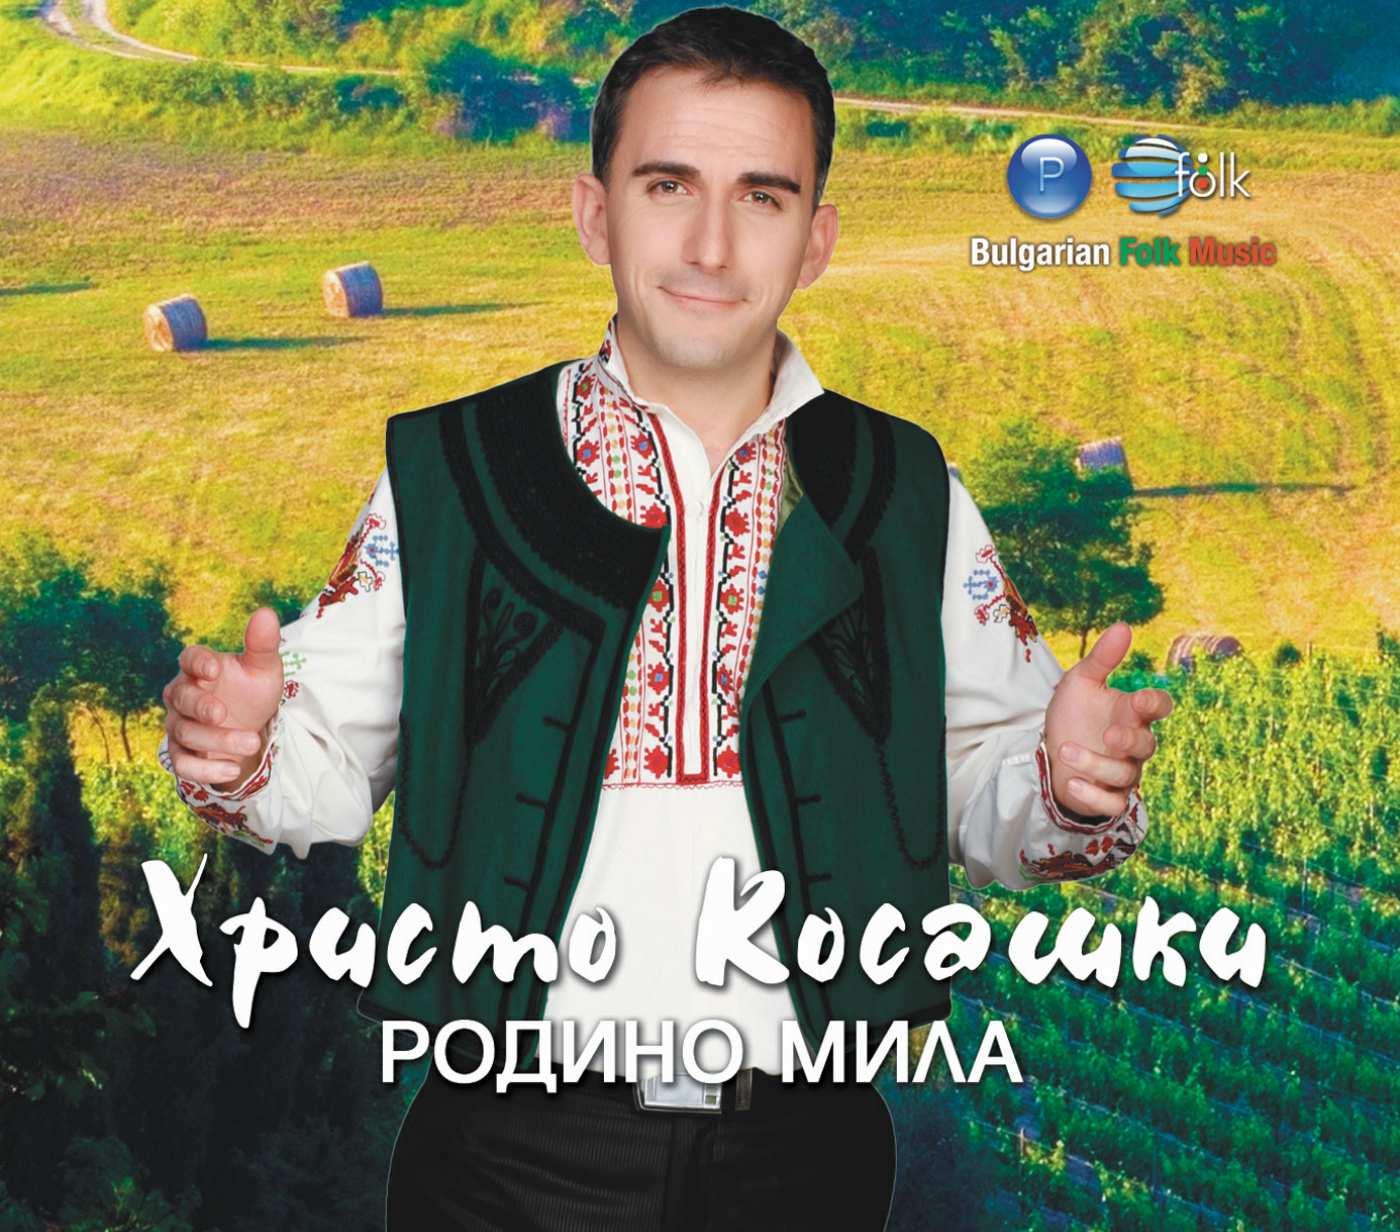 """Христо Косашки представя албума """"Родино мила"""""""